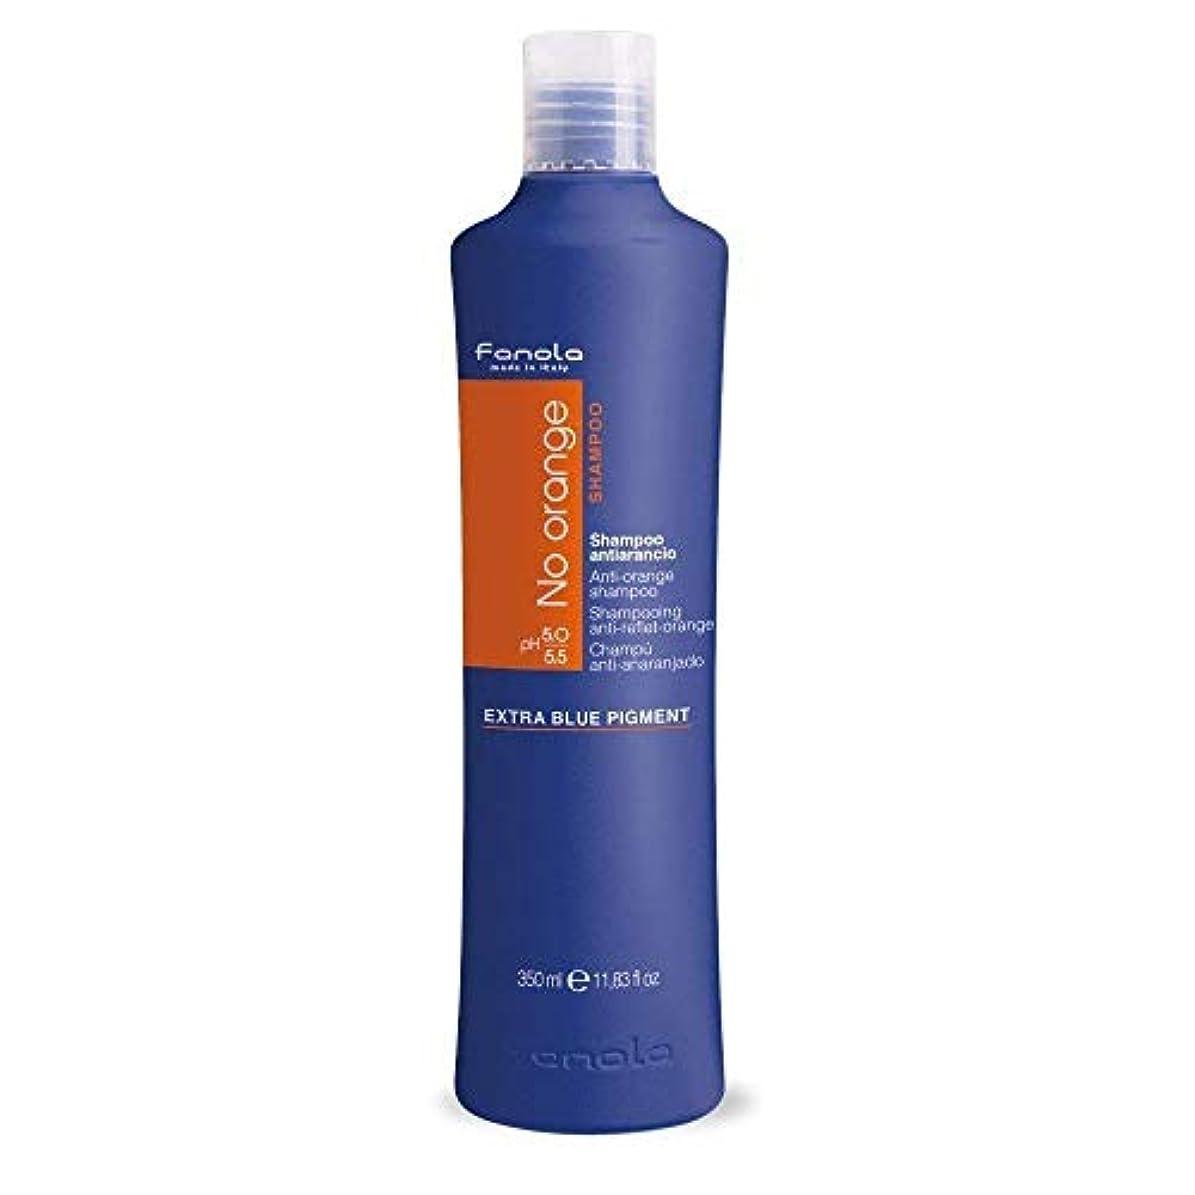 フリースキャンバス買うFanola No Orange Shampoo 350 ml  青カラーシャンプー ノーオレンジ シャンプー 海外直送 [並行輸入品]